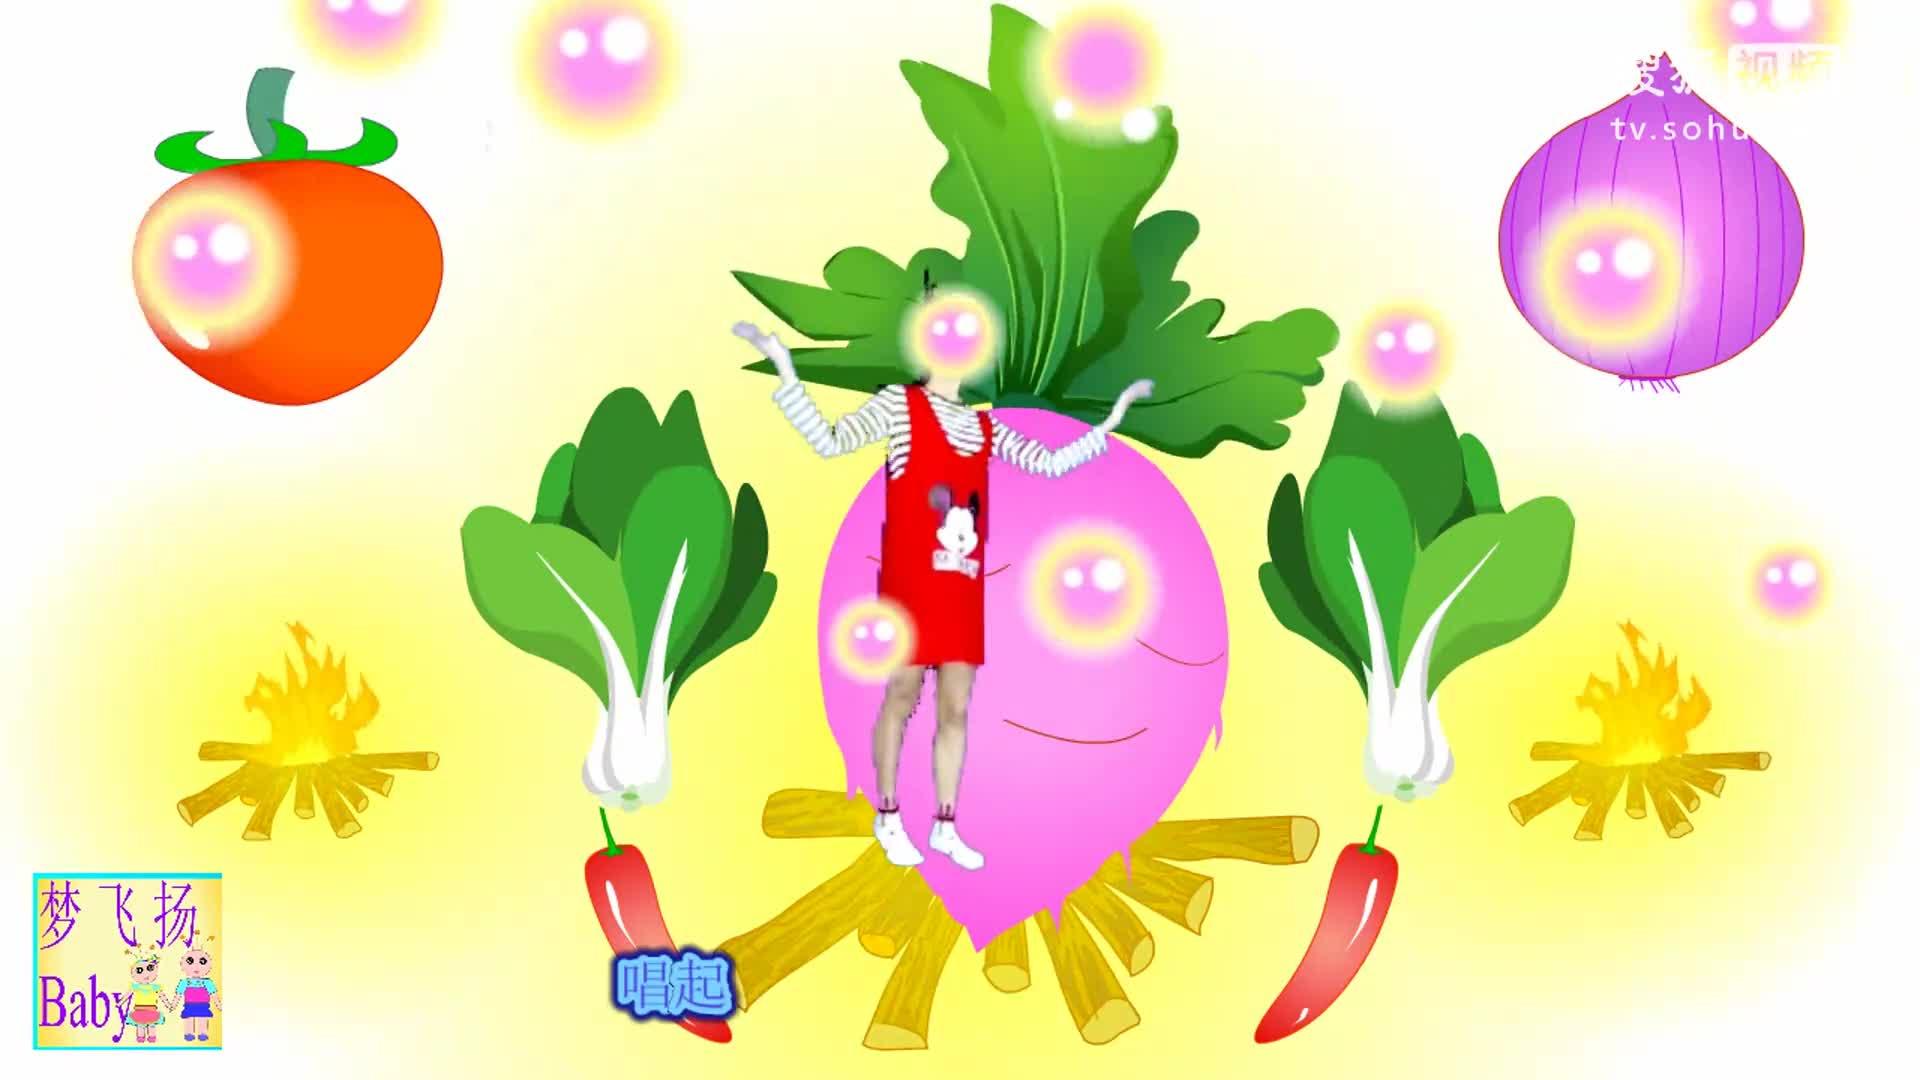 幼儿舞蹈 燃烧吧蔬菜